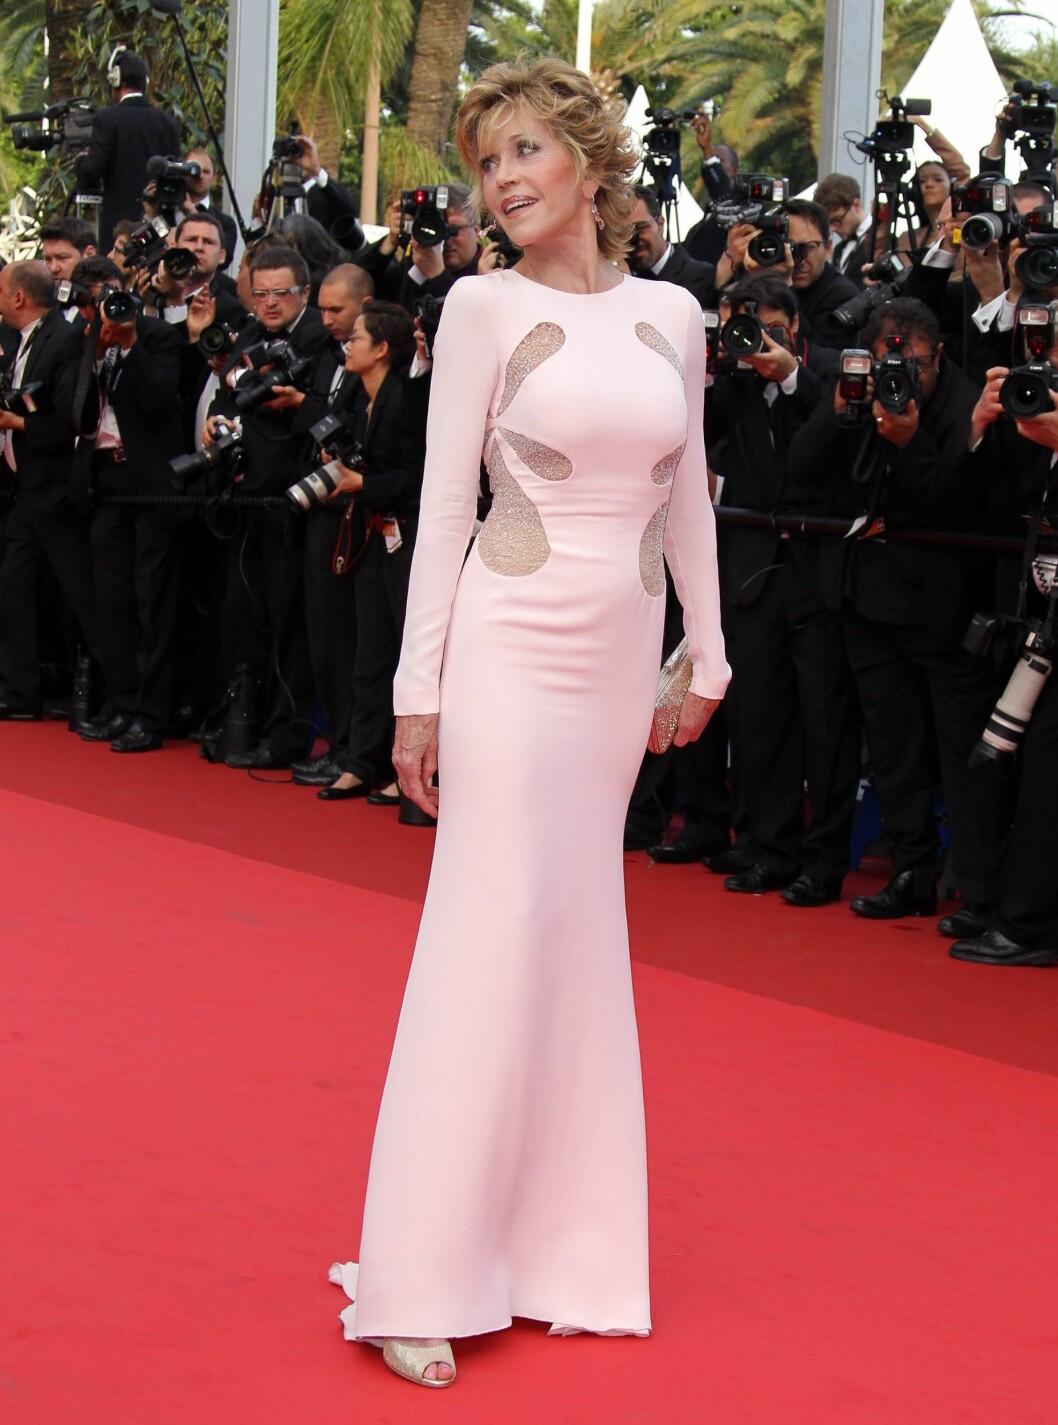 ALLE ELSKER PUCCI: Skuespiller Jane Fonda på premieren av Sleeping Beauty i Cannes. Foto: All Over Press